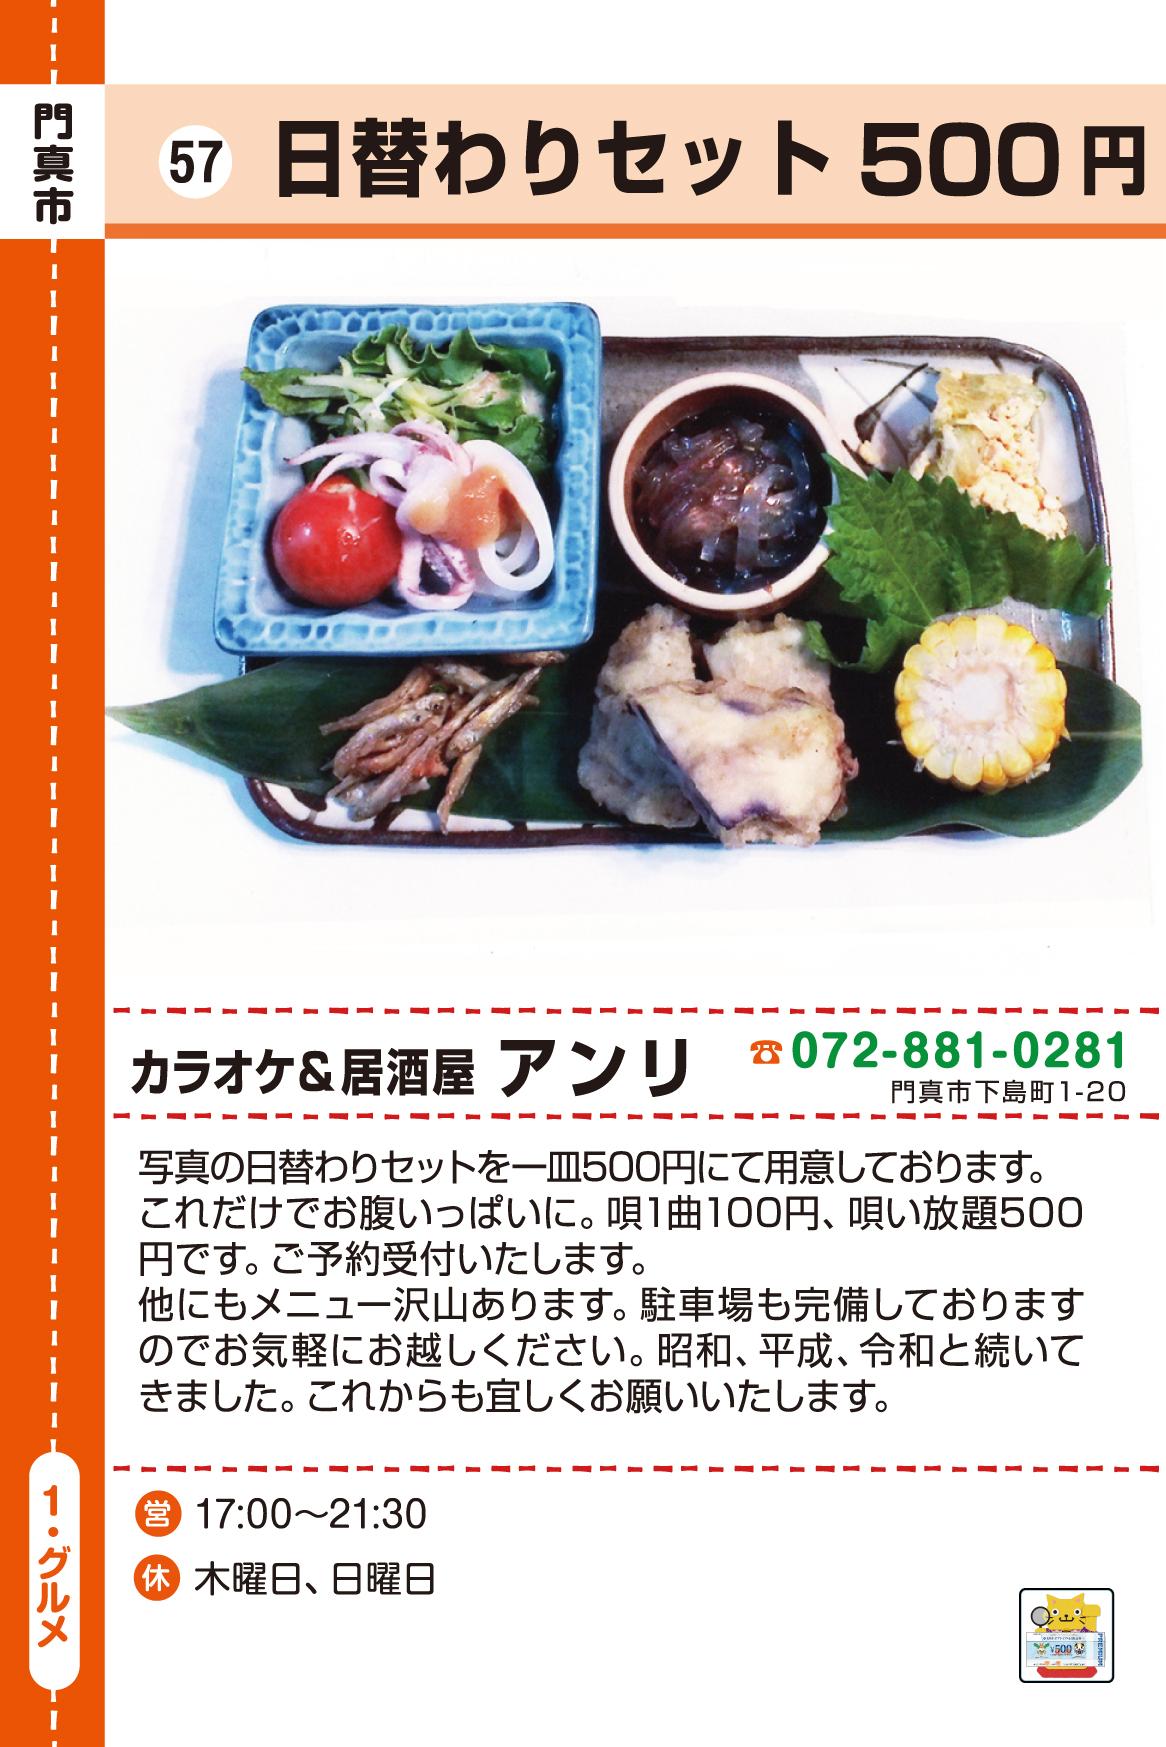 カラオケ&居酒屋 アンリ